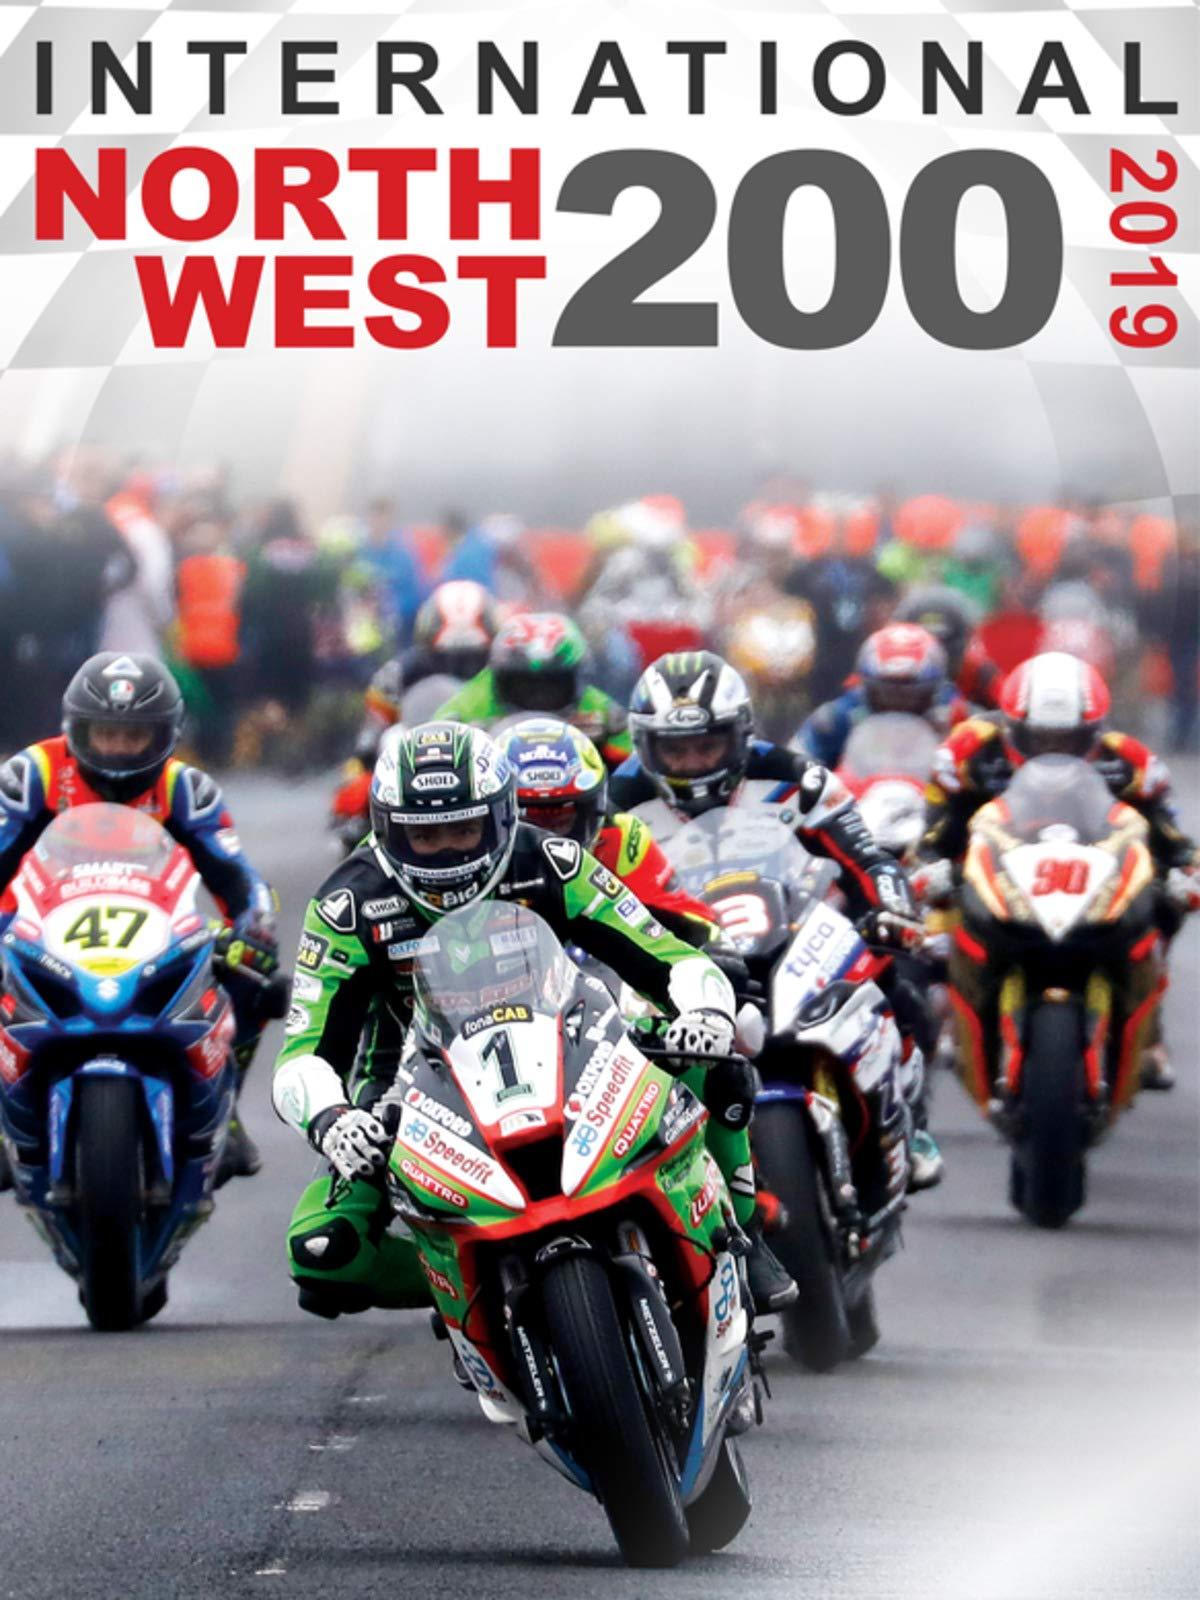 2019 International North West 200